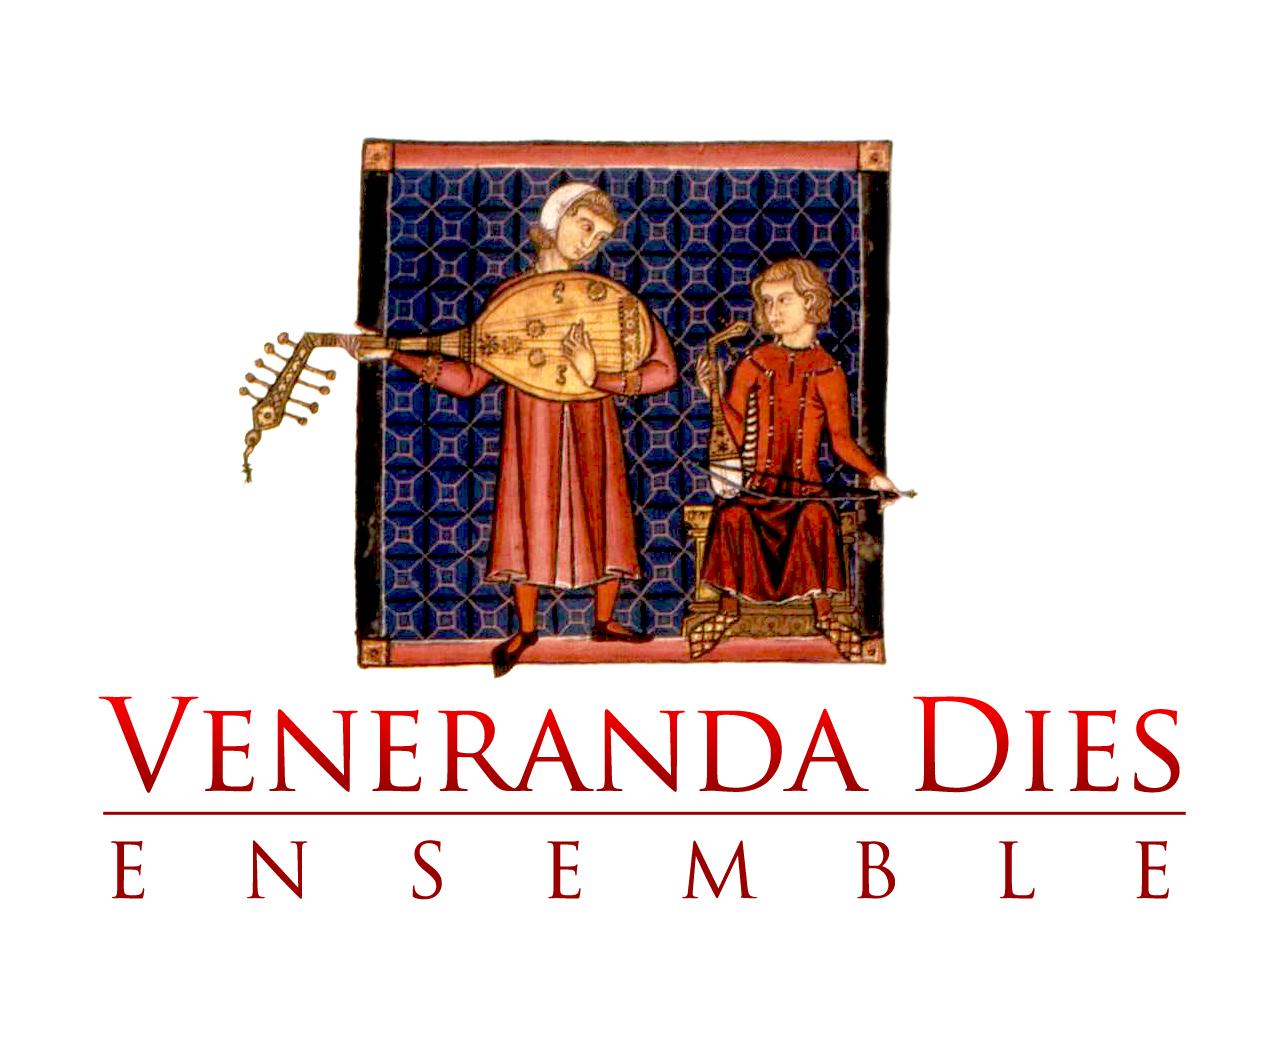 VENERANDA DIES ENSEMBLE ACTÚA EN BARRANDA